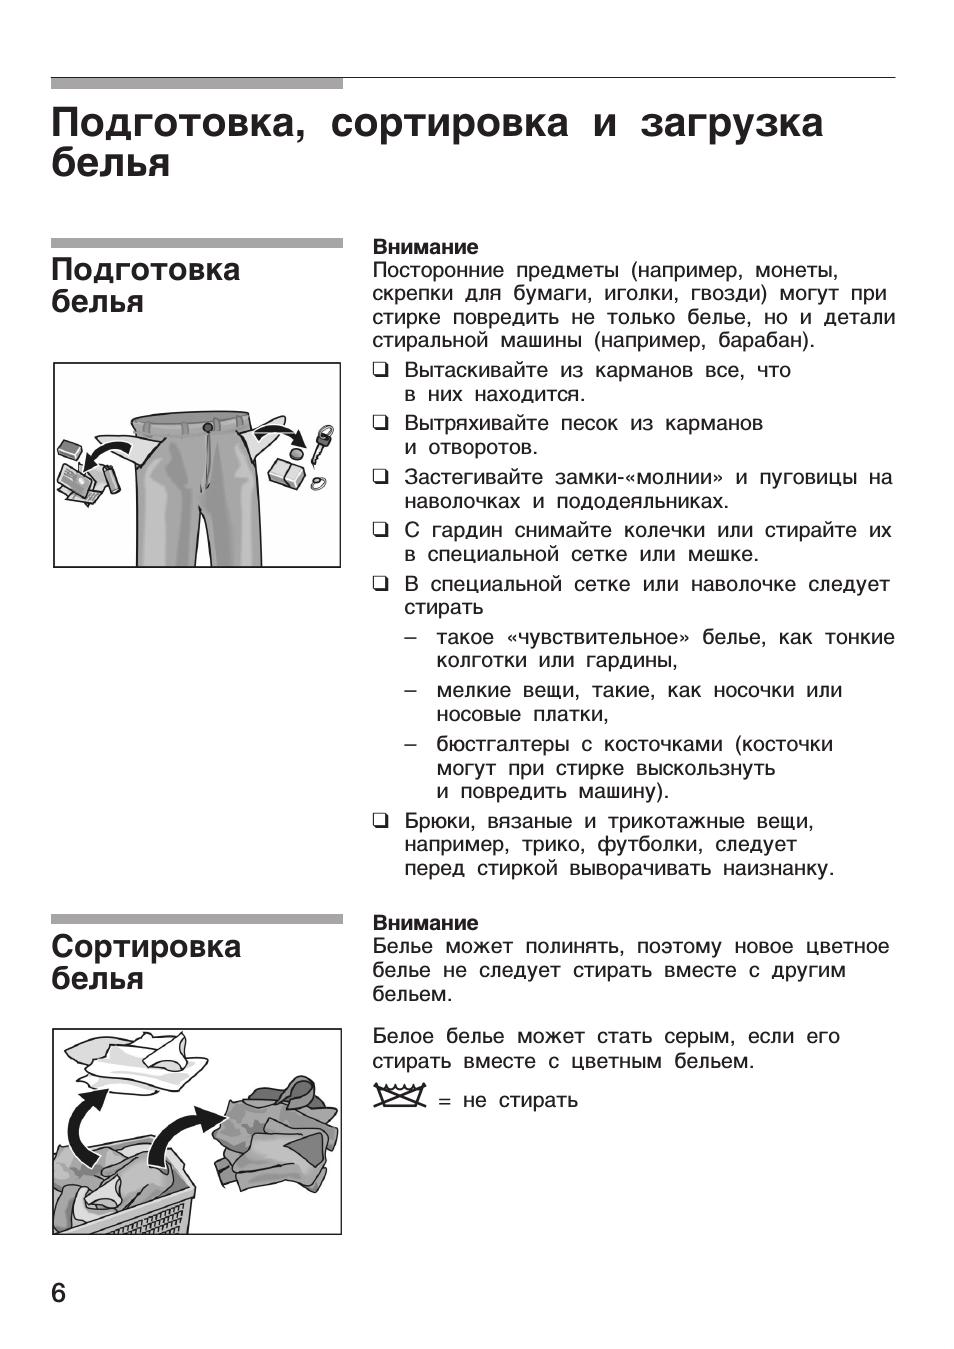 Подготовка, сортировка и загрузка белья, Подготовка белья, Сортировка белья